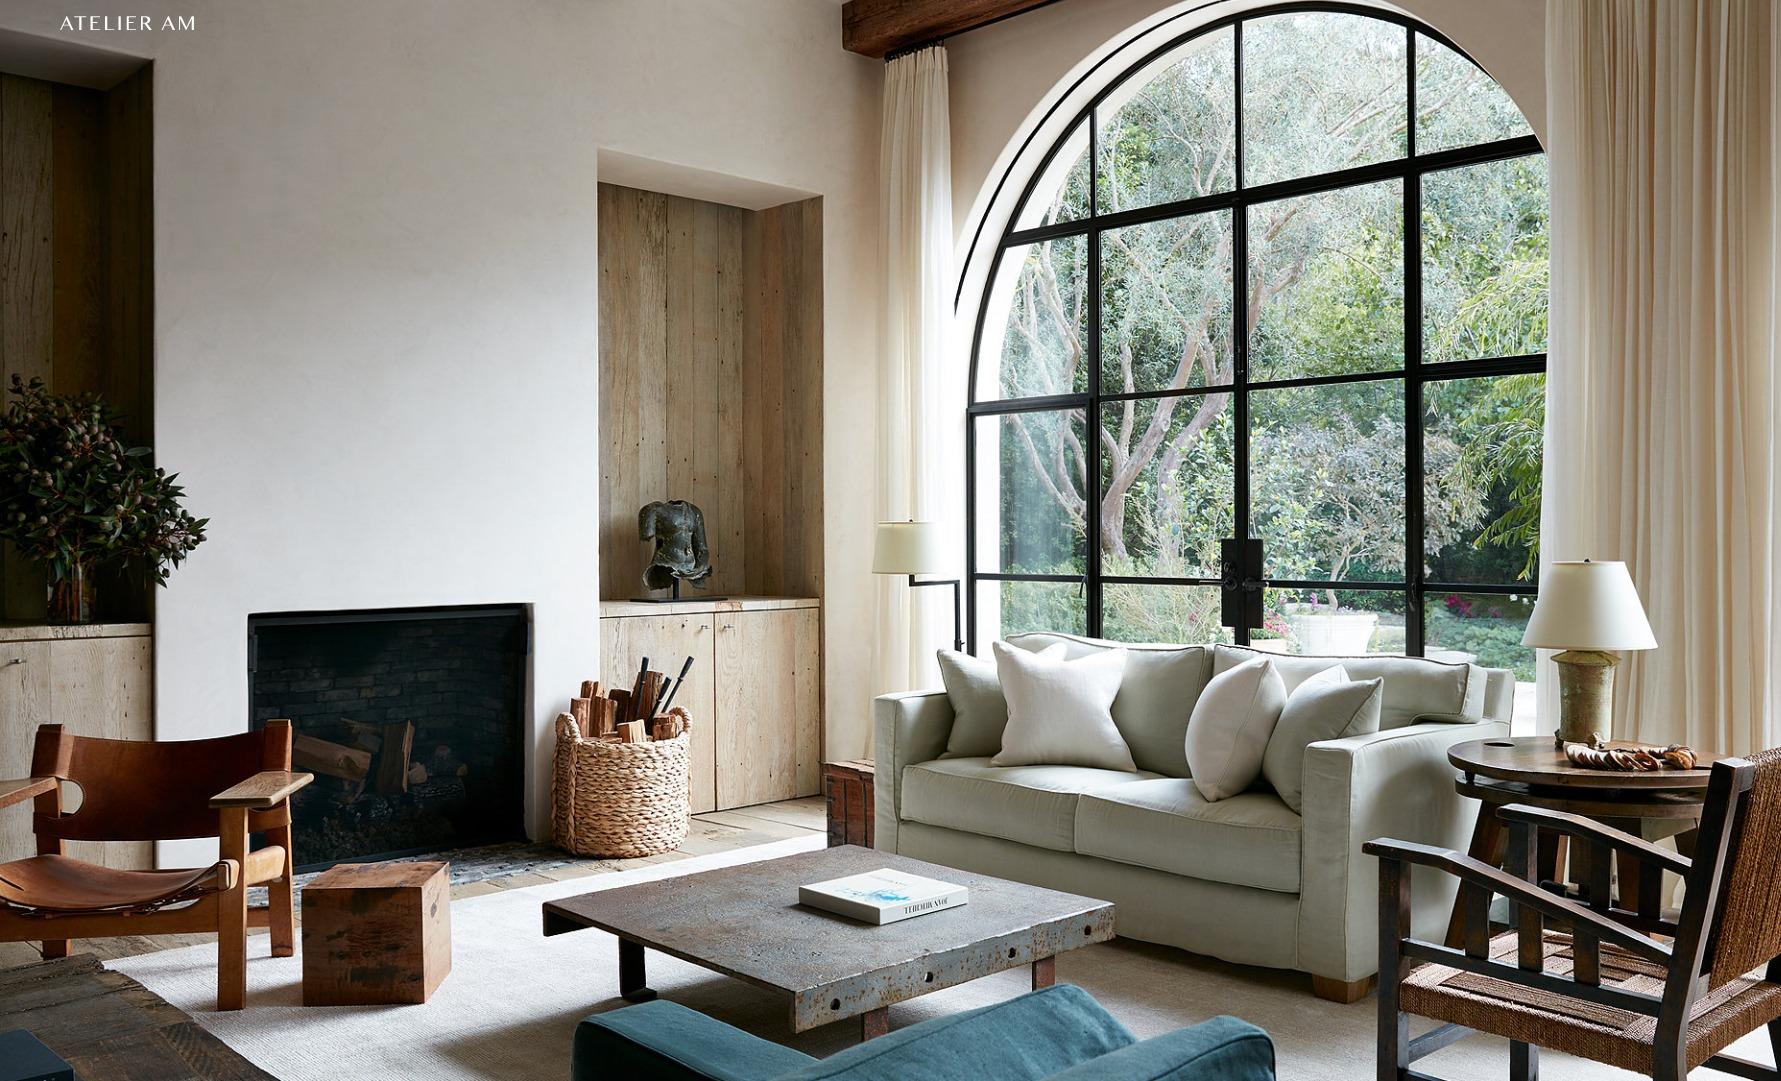 Interior design by Atelier AM